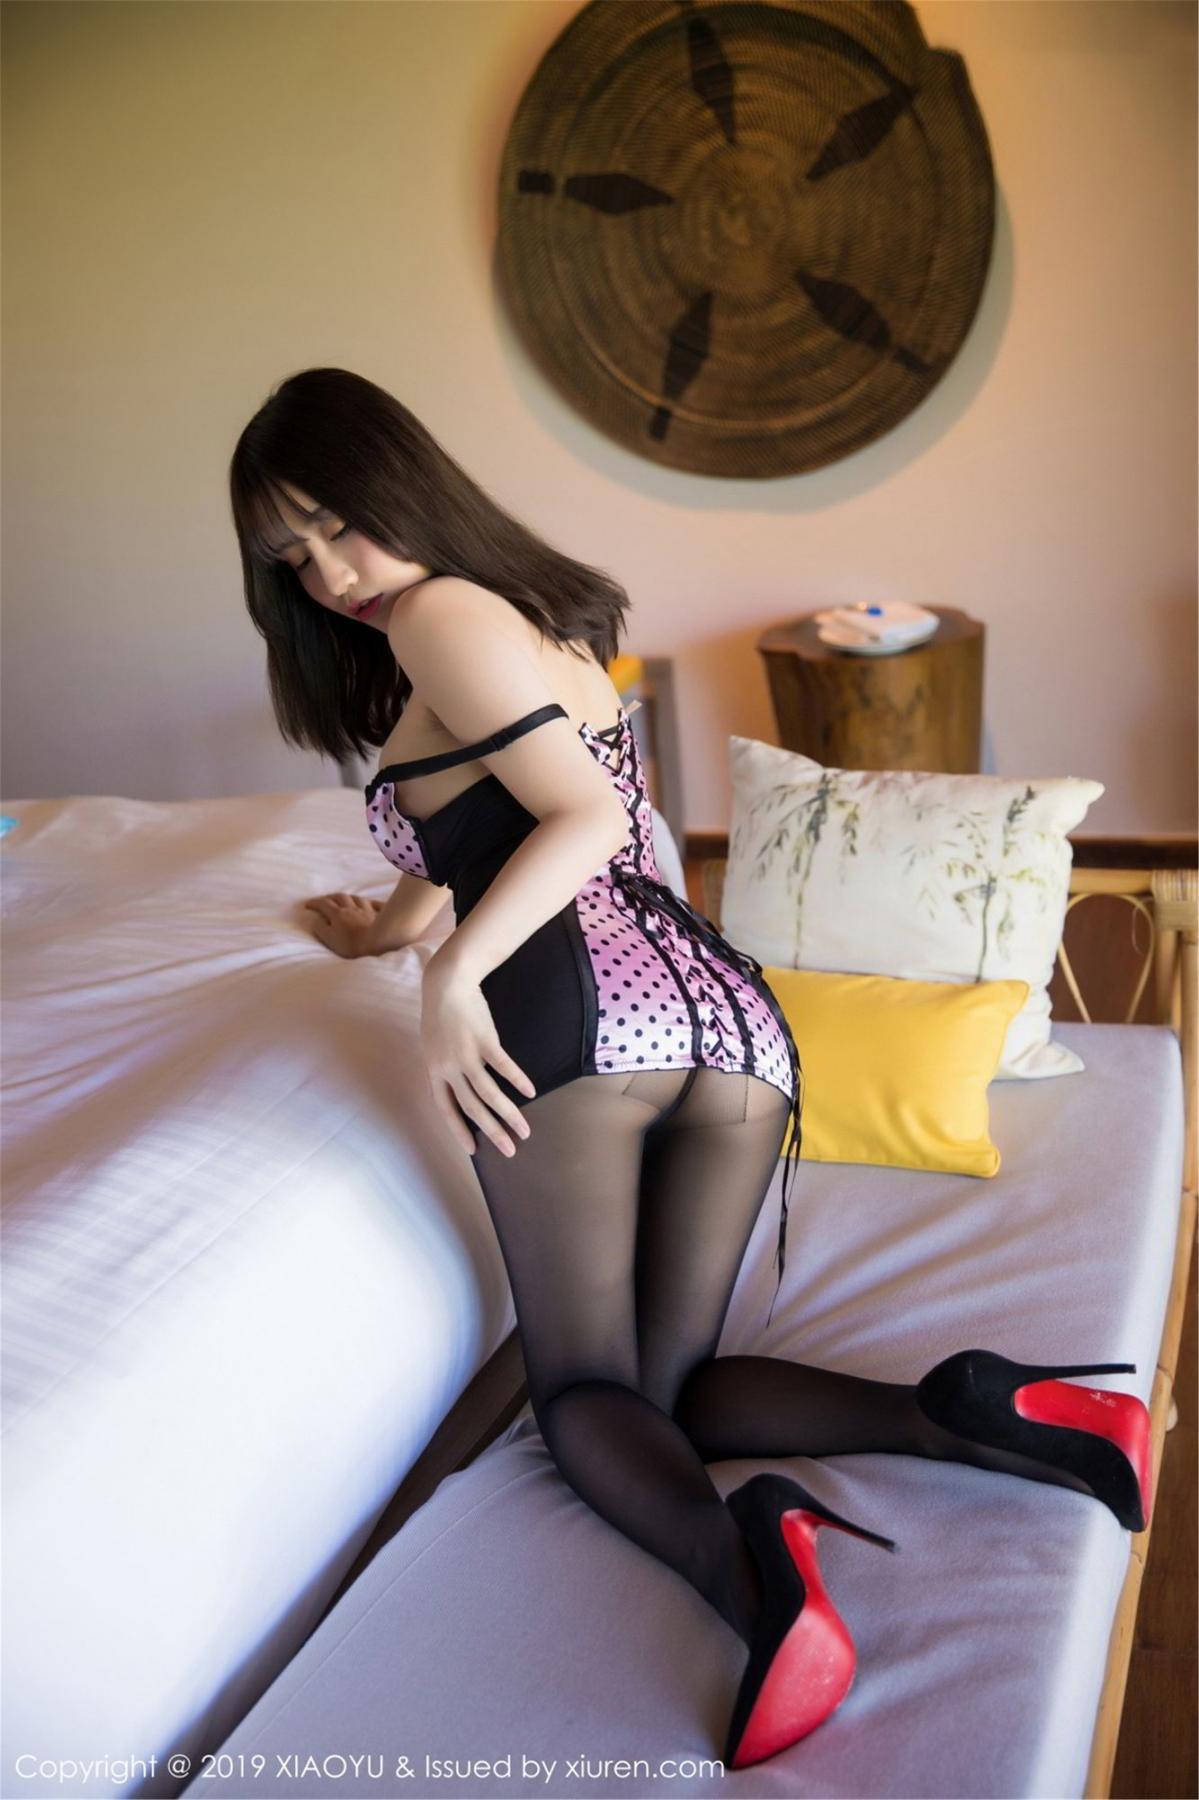 [XiaoYu] Vol.061 Ying Yue Fei 18P, Black Silk, Tall, Underwear, XiaoYu, Xie Zhi Xin